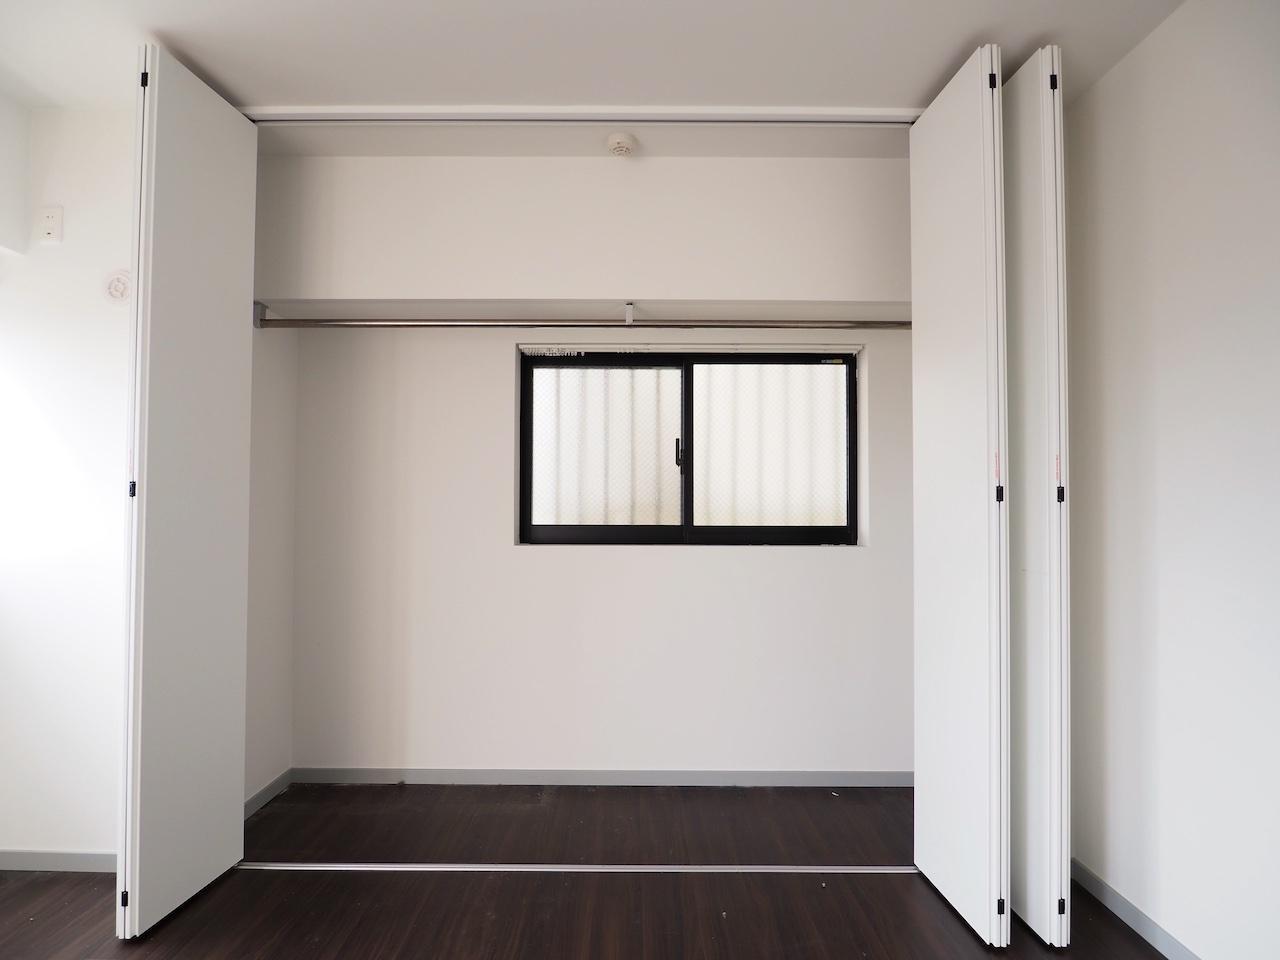 収納も大きい。クローゼットの中に窓があるのは珍しいですね。